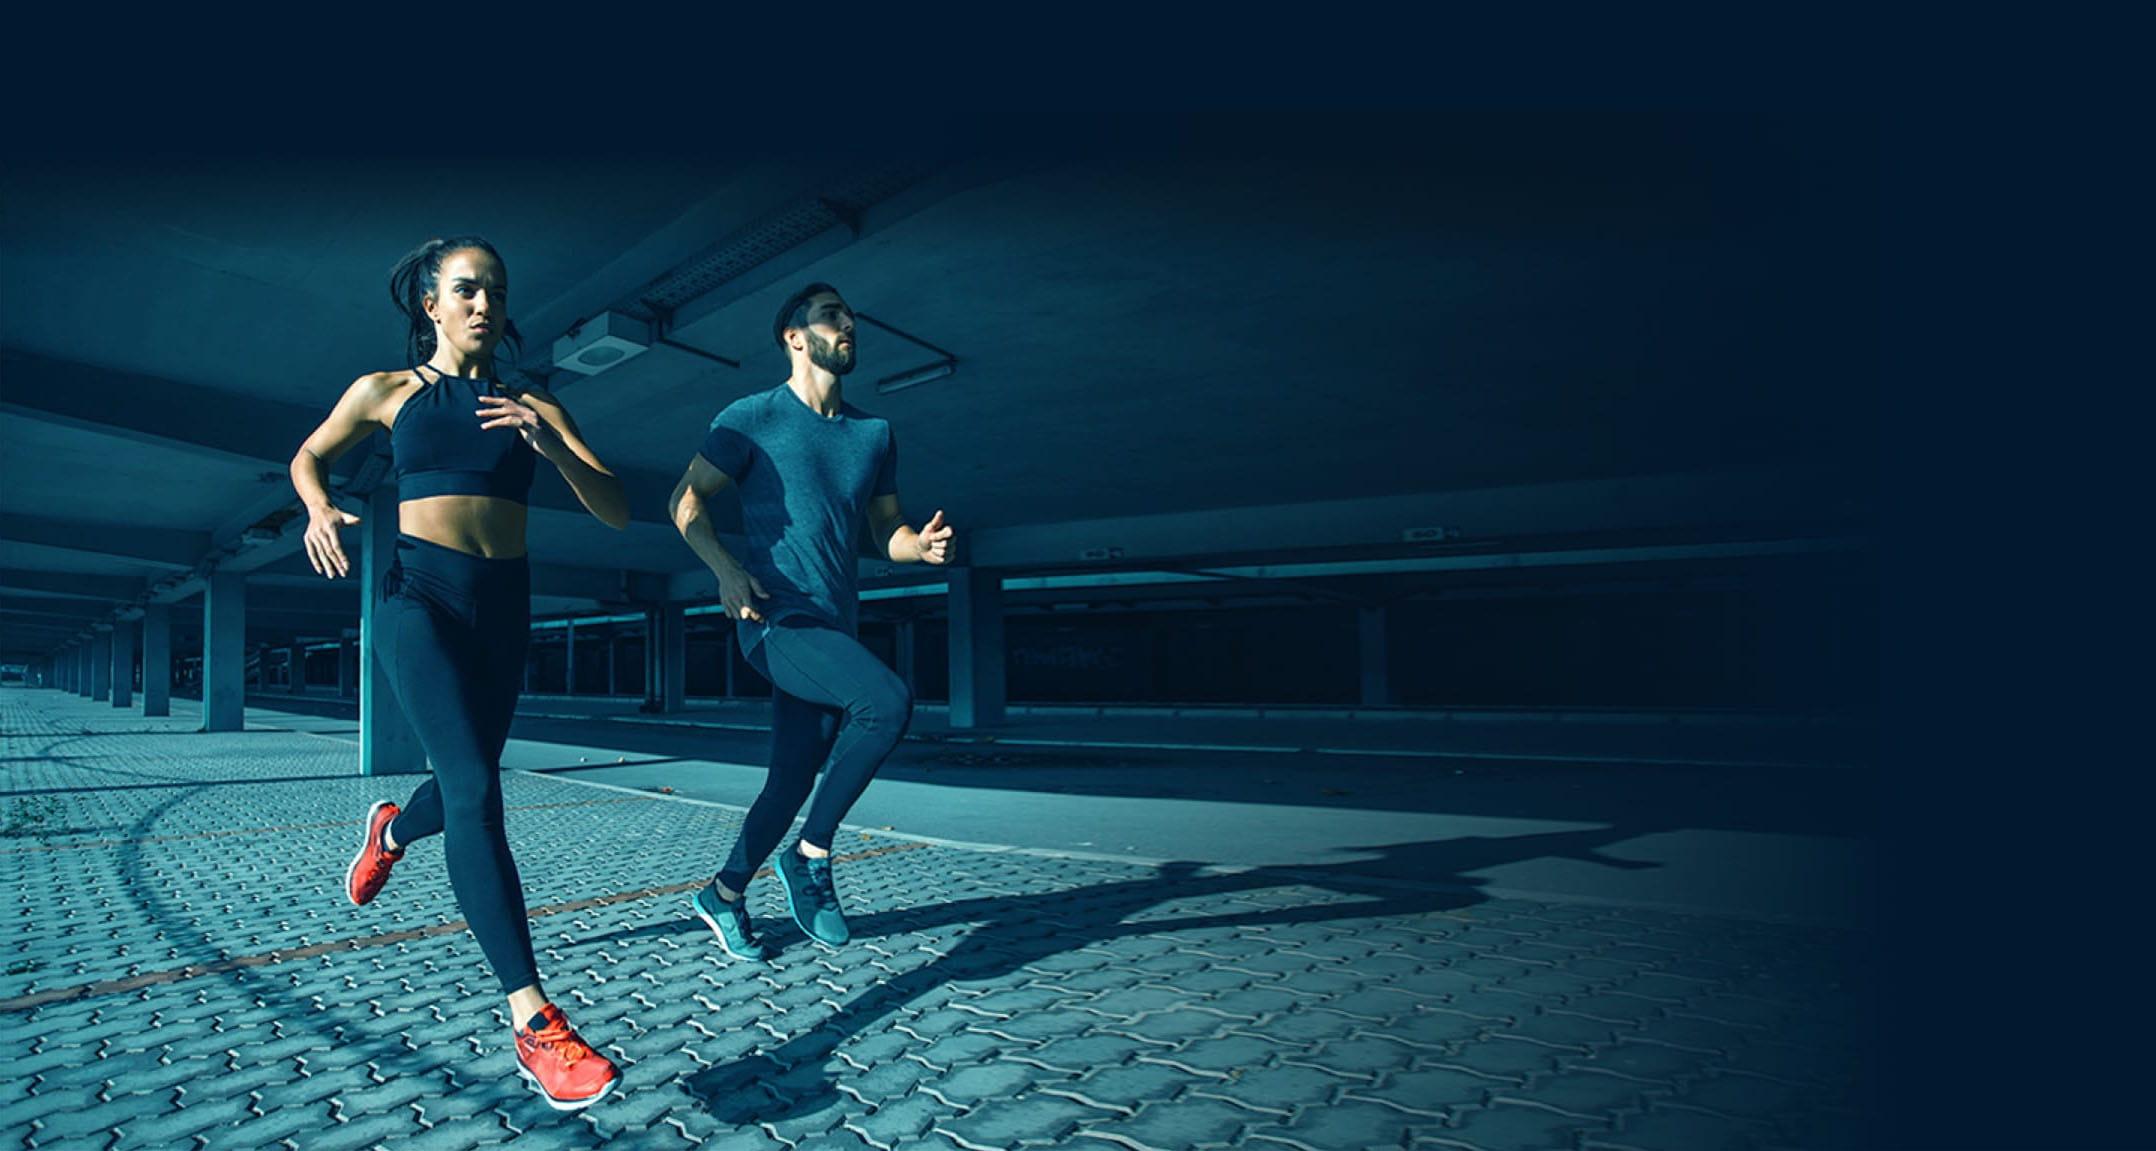 man women jogging